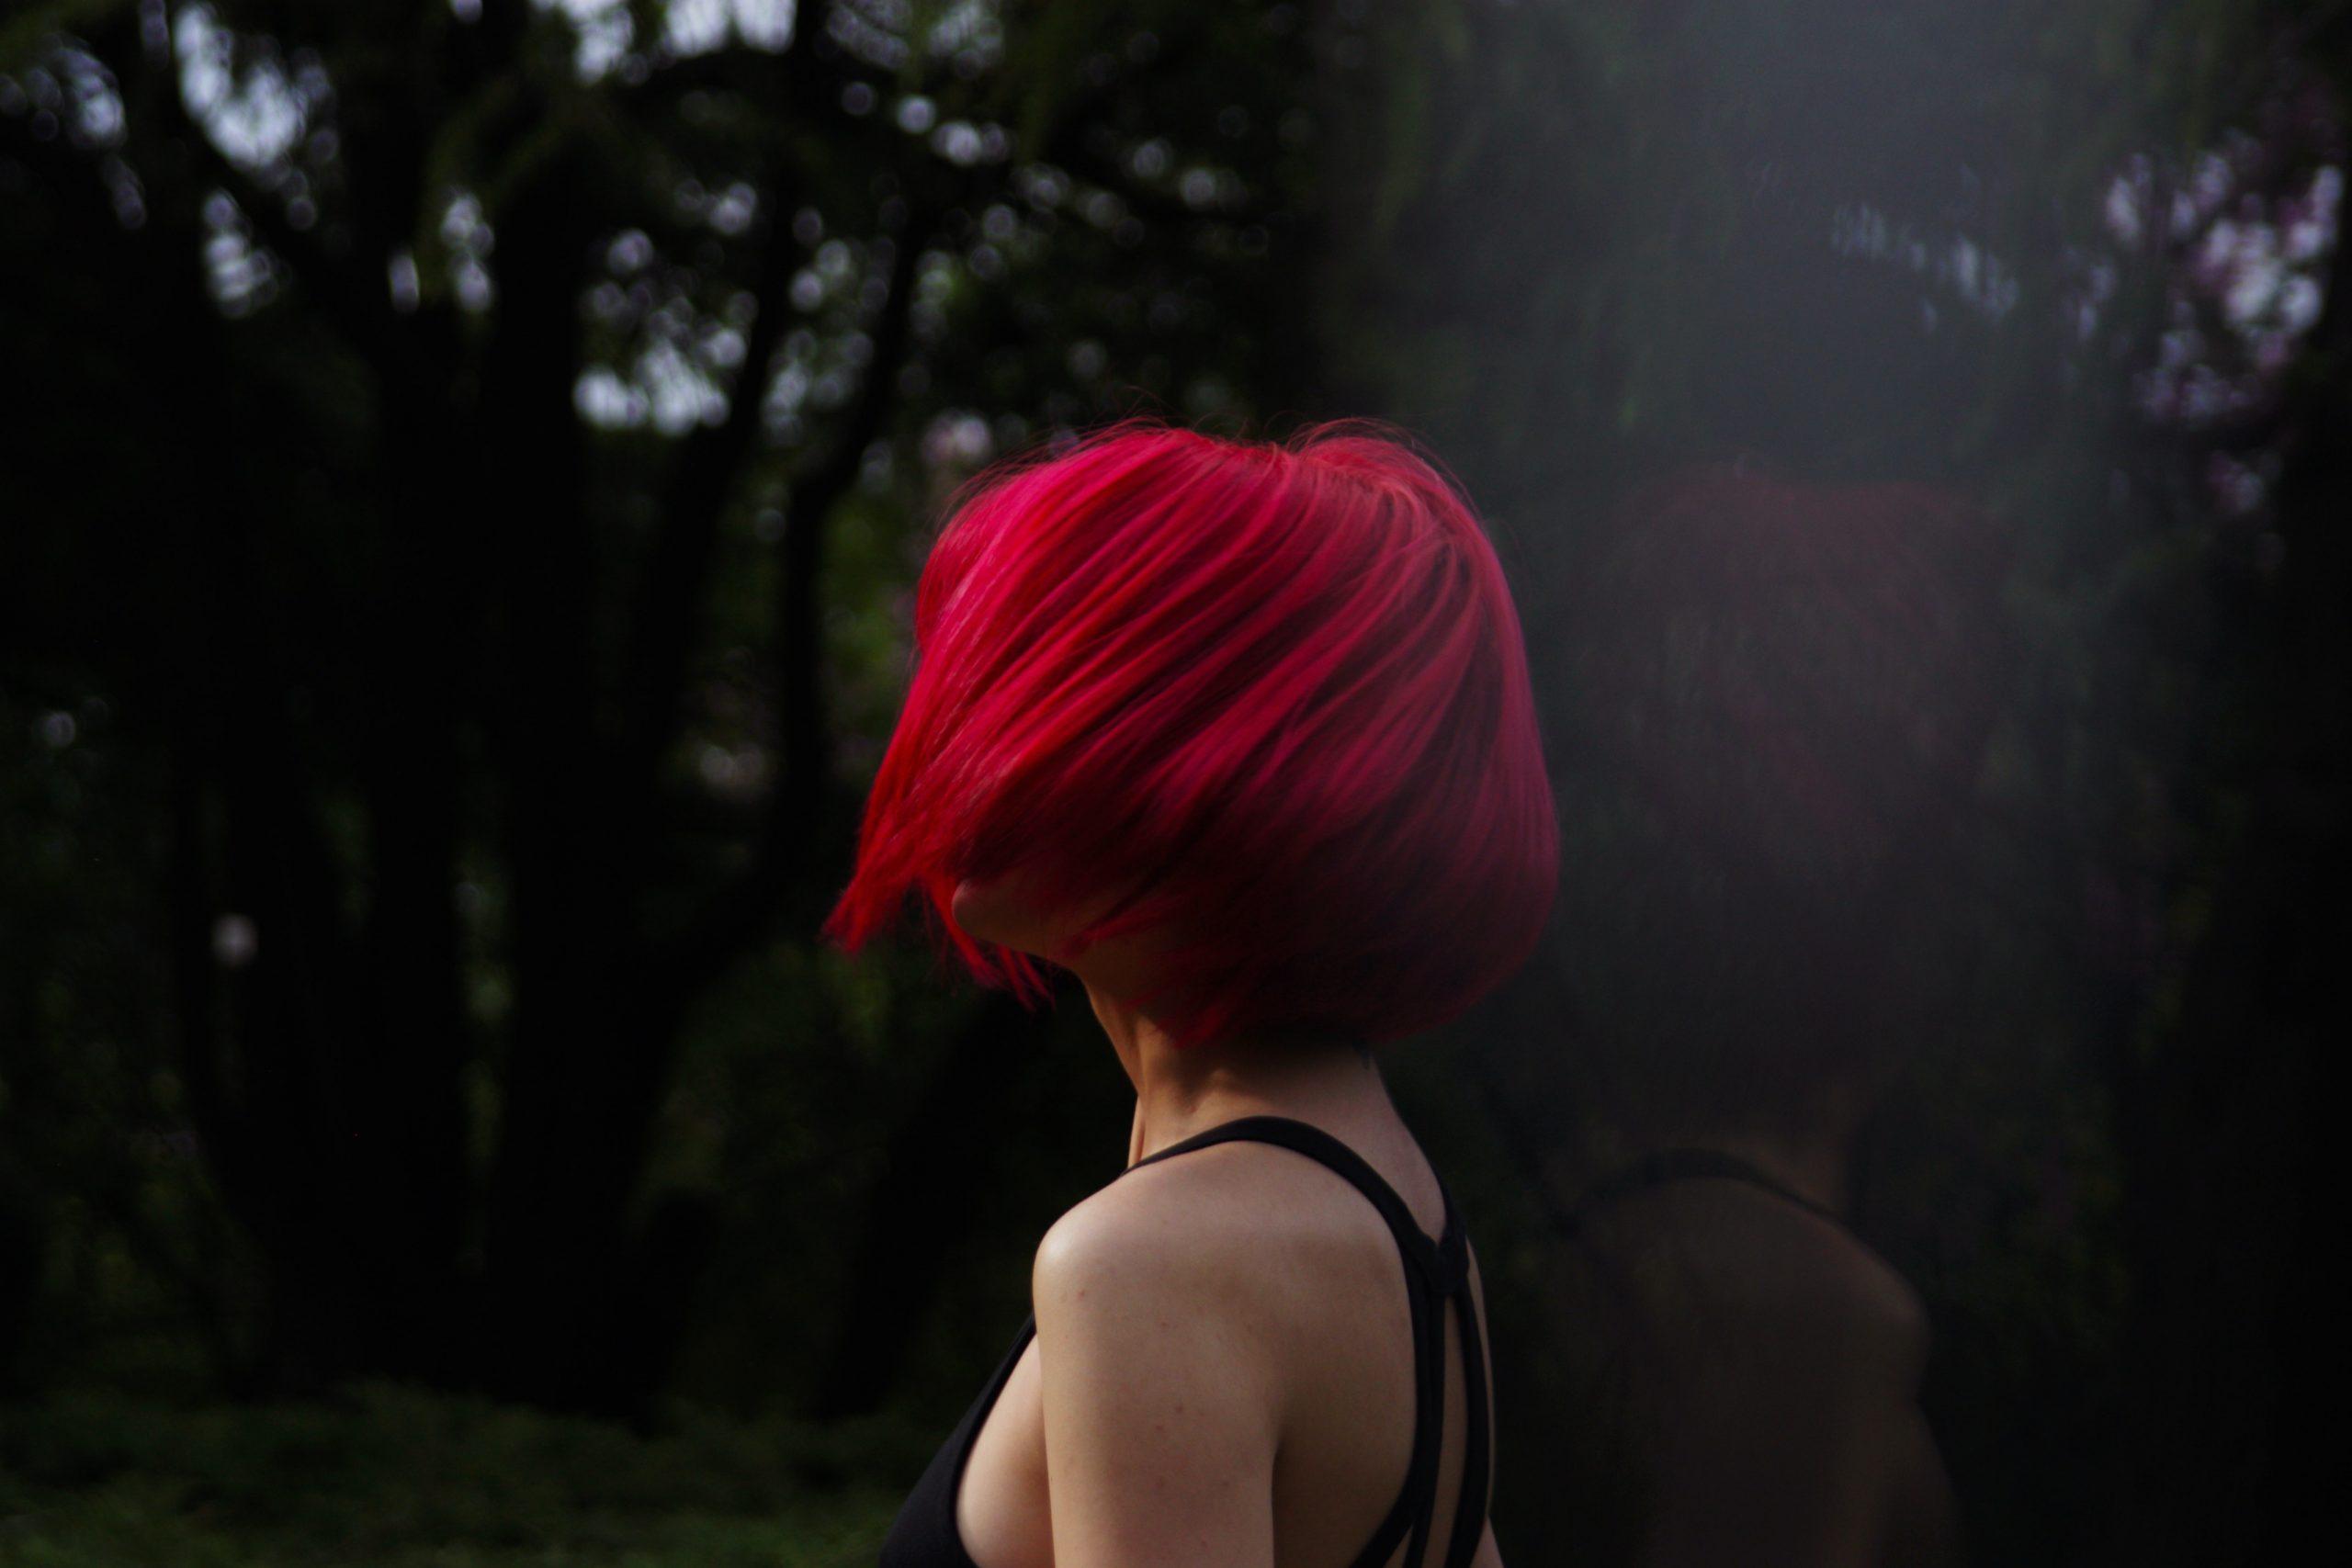 Foto de uma mulher de lado, jogando o cabelo chanel, tingido de vermelho, para o lado. Ao fundo, várias árvores.